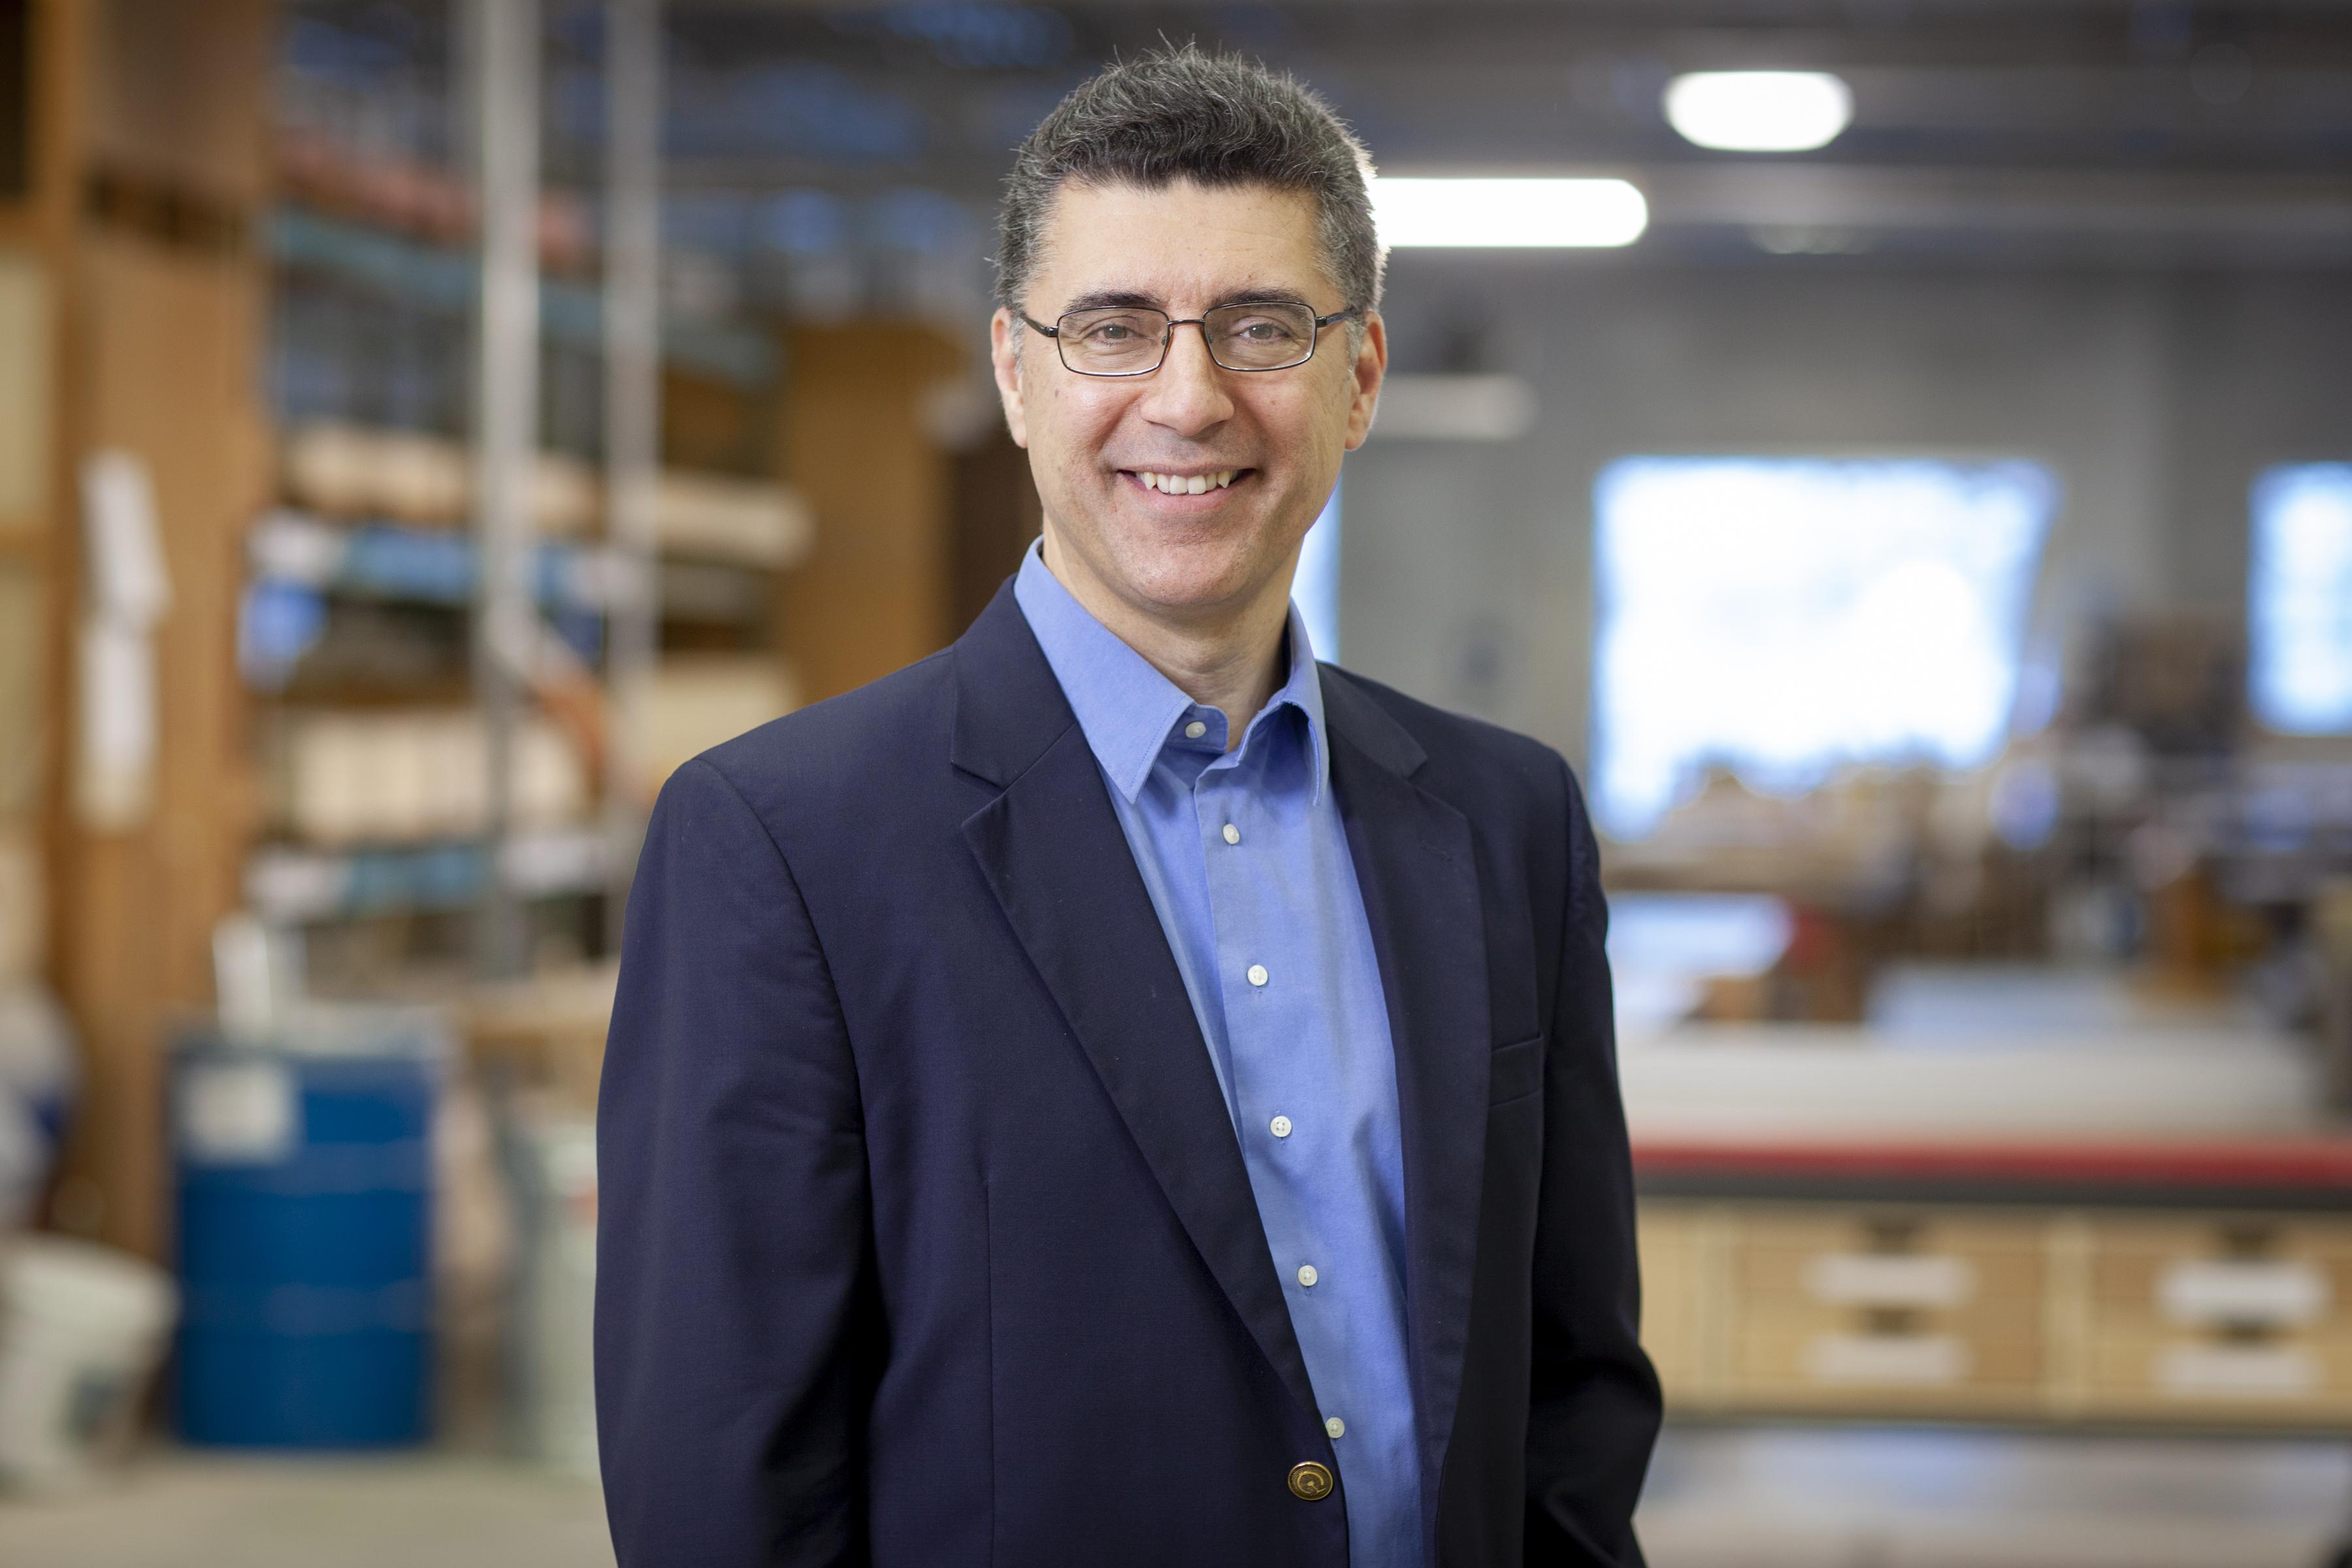 Blasko Ristic Named as President of Chicago Scenic Studios